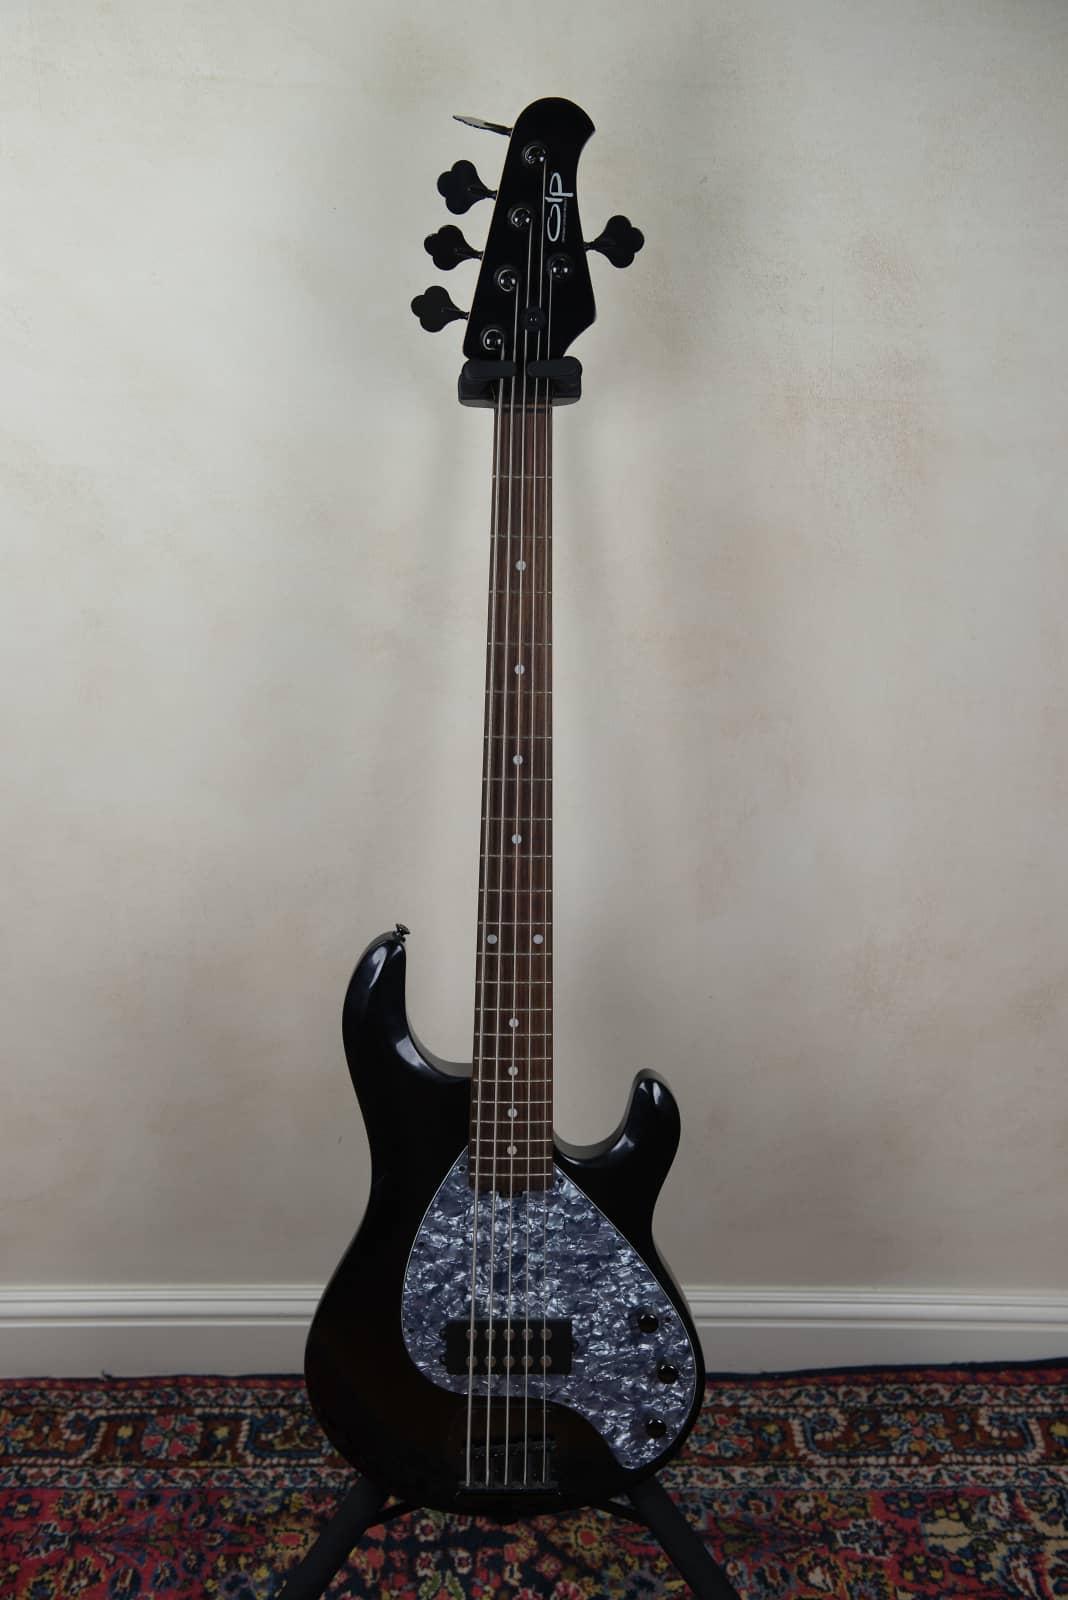 olp 5 string bass black reverb. Black Bedroom Furniture Sets. Home Design Ideas